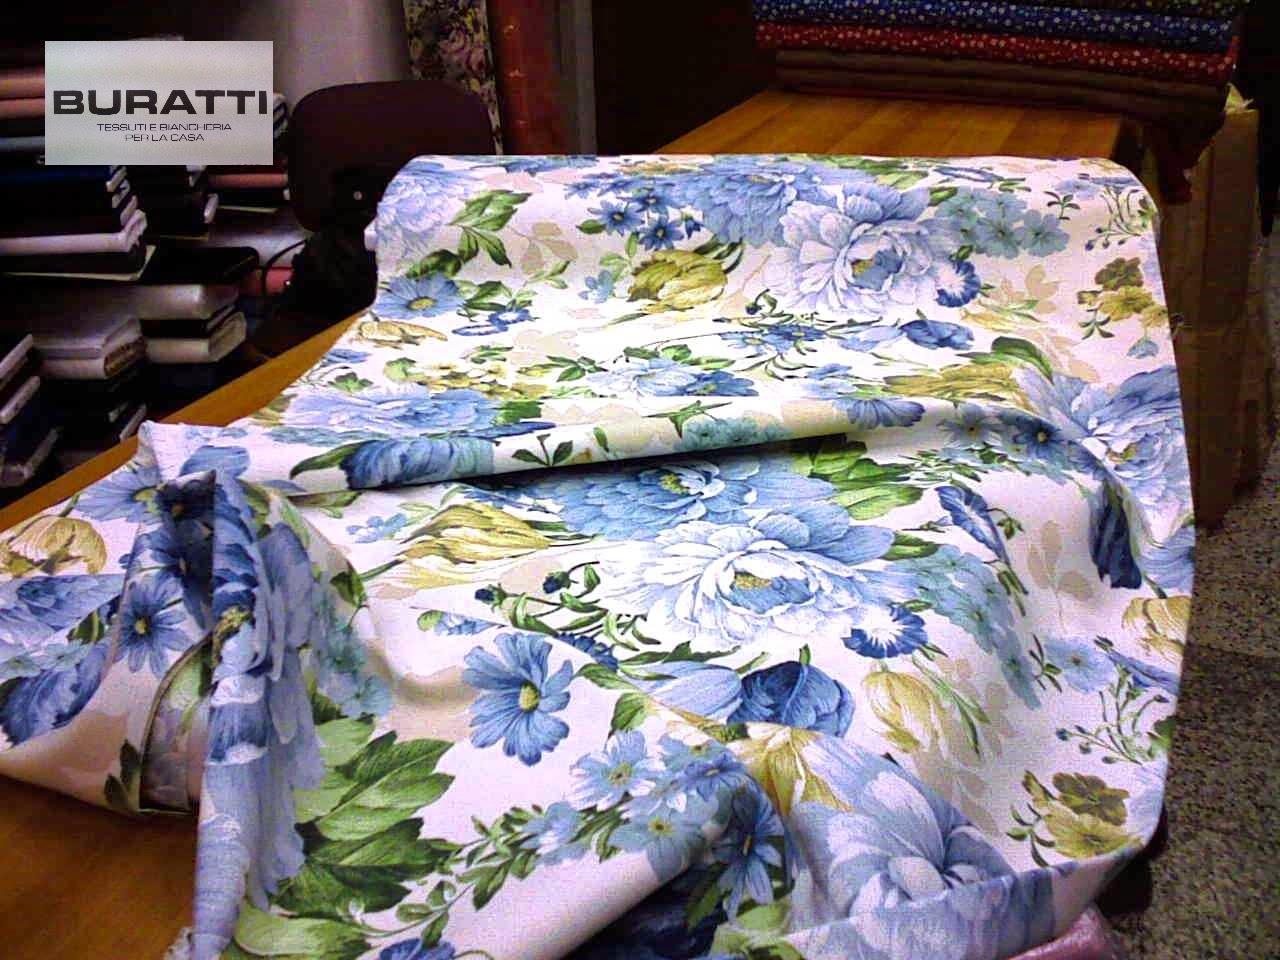 Buratti tessuti e biancheria per la casa tessuto da for Tessuti inglesi per arredamento